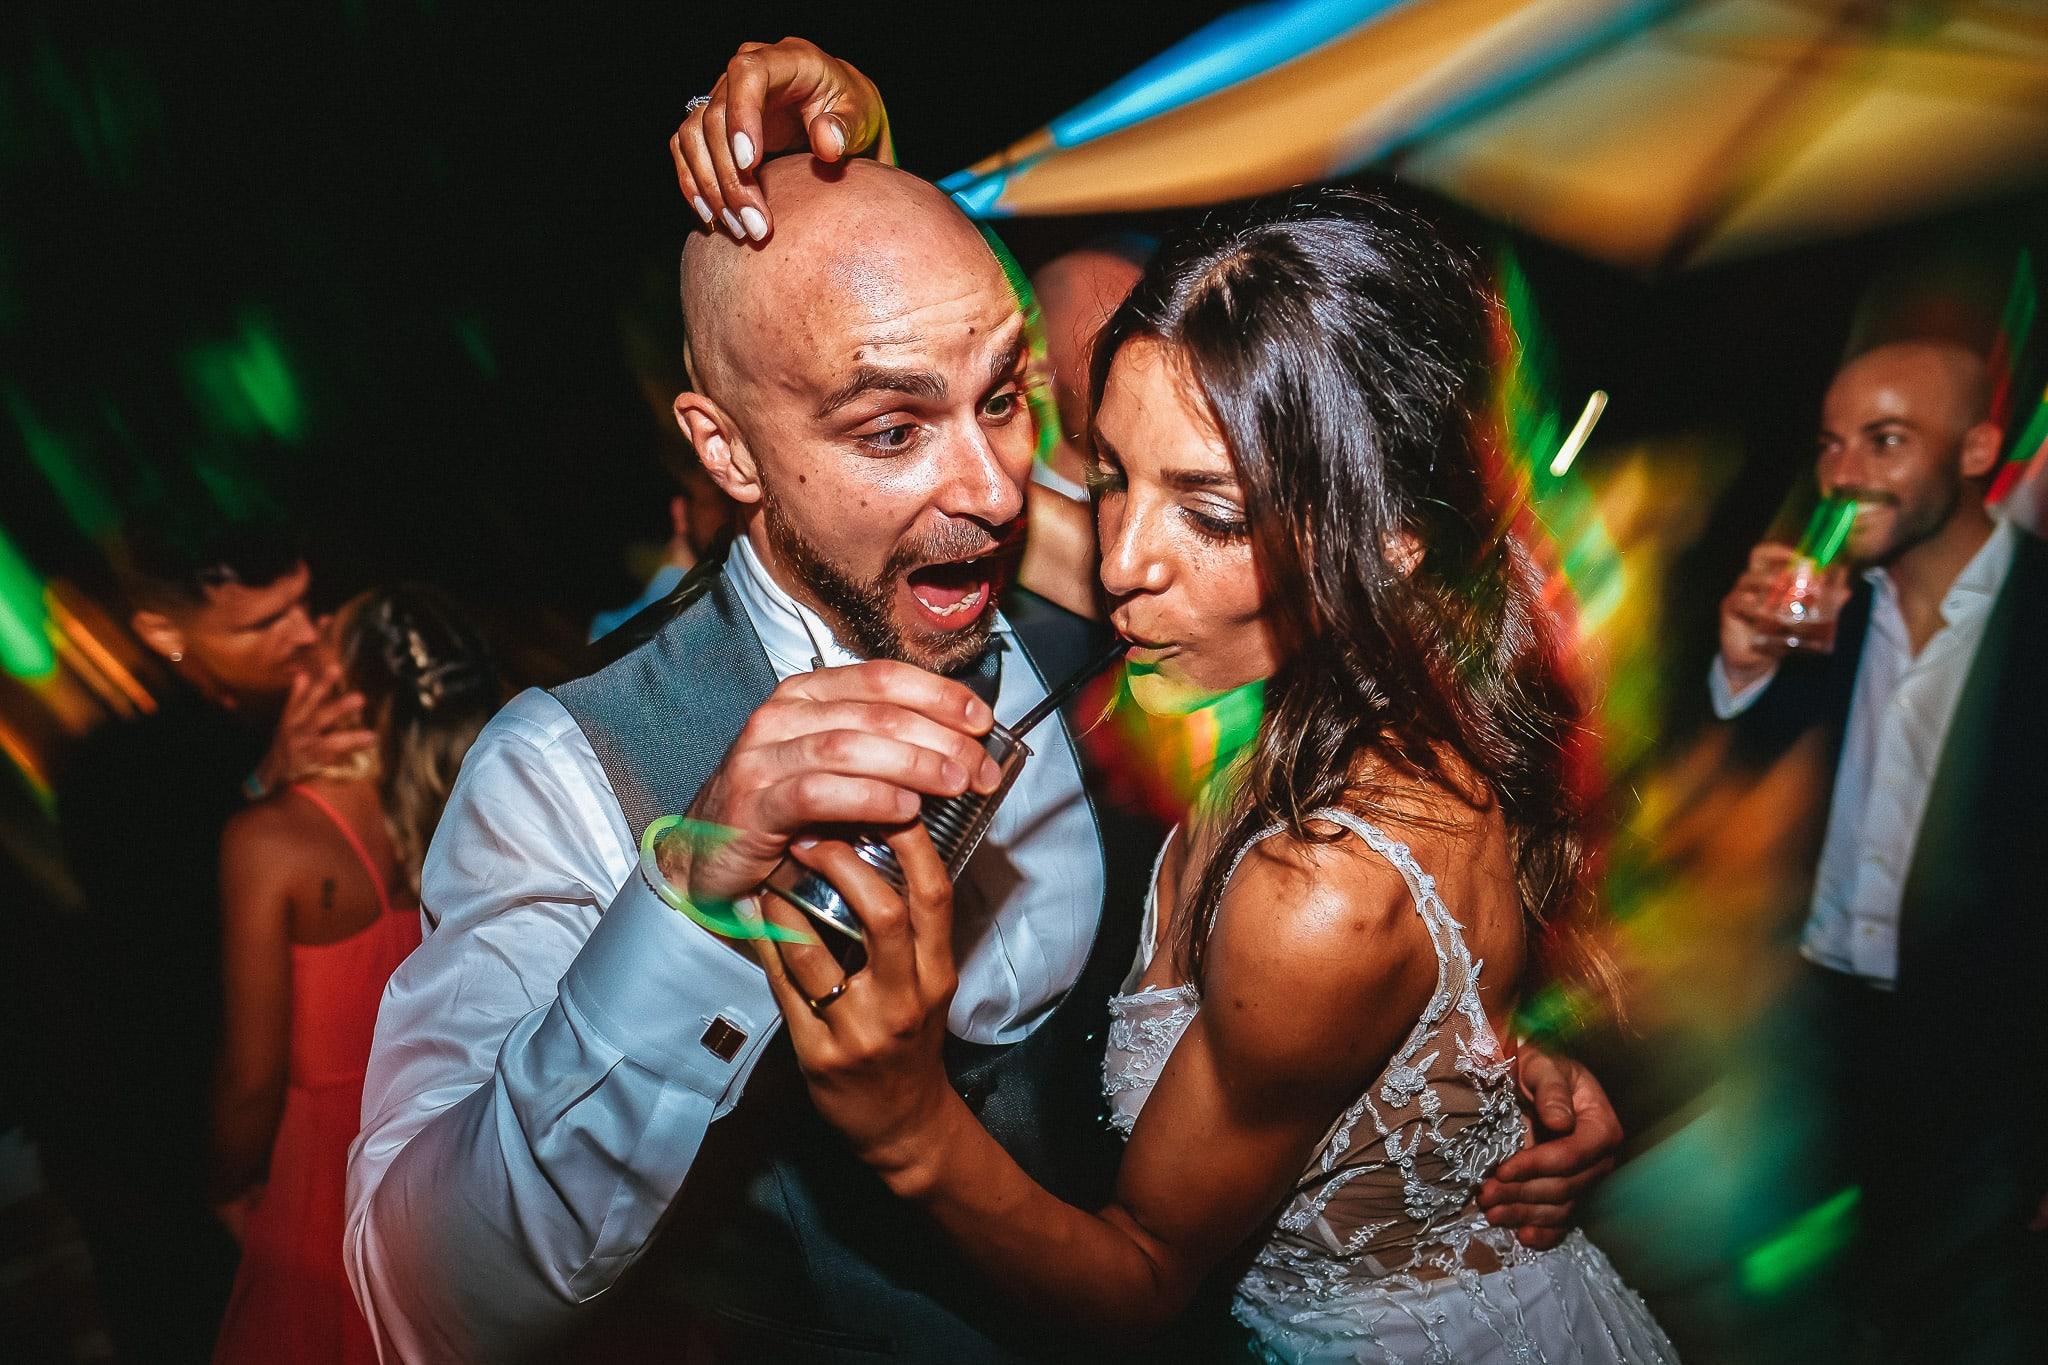 gli sposi che ballano e bevono divertendosi durante il loro matrimonio a roma